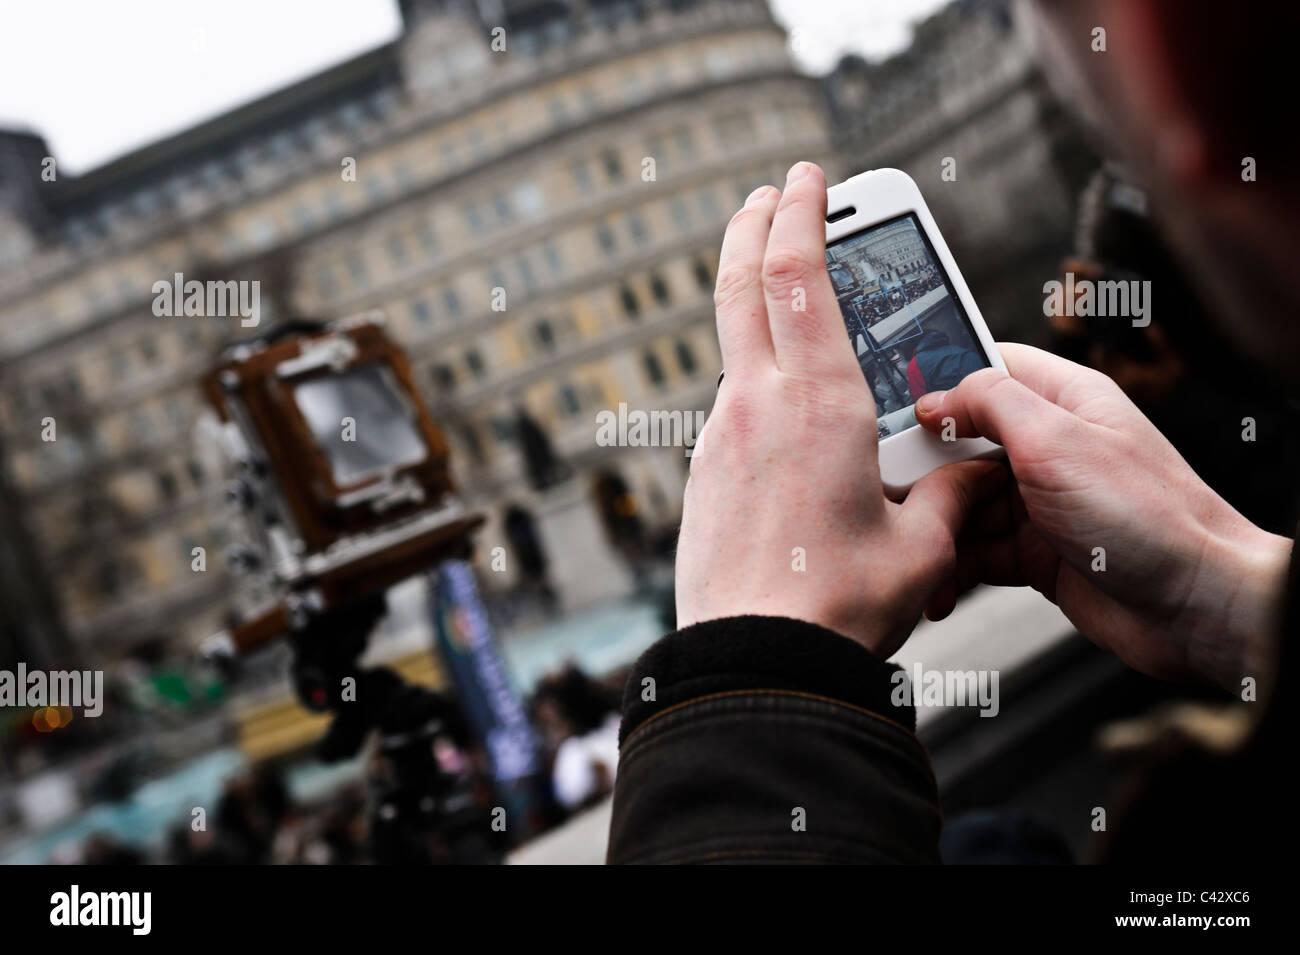 Un Iphone Est Utilis La Photographie Une Vieille Chambre